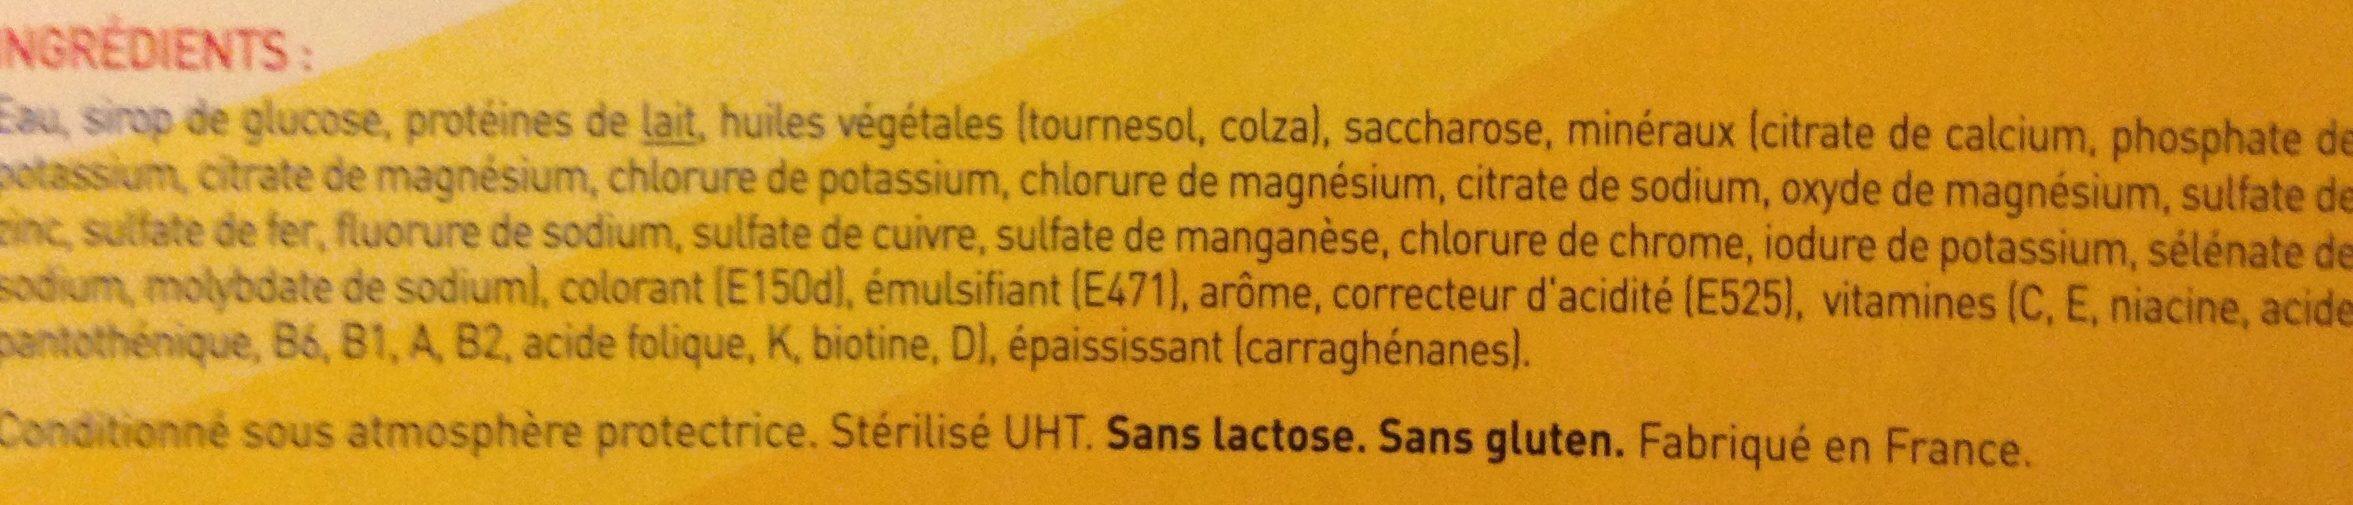 Nestle Renutryl Booster Caramel - 4 Bouteilles ? - Ingrédients - fr